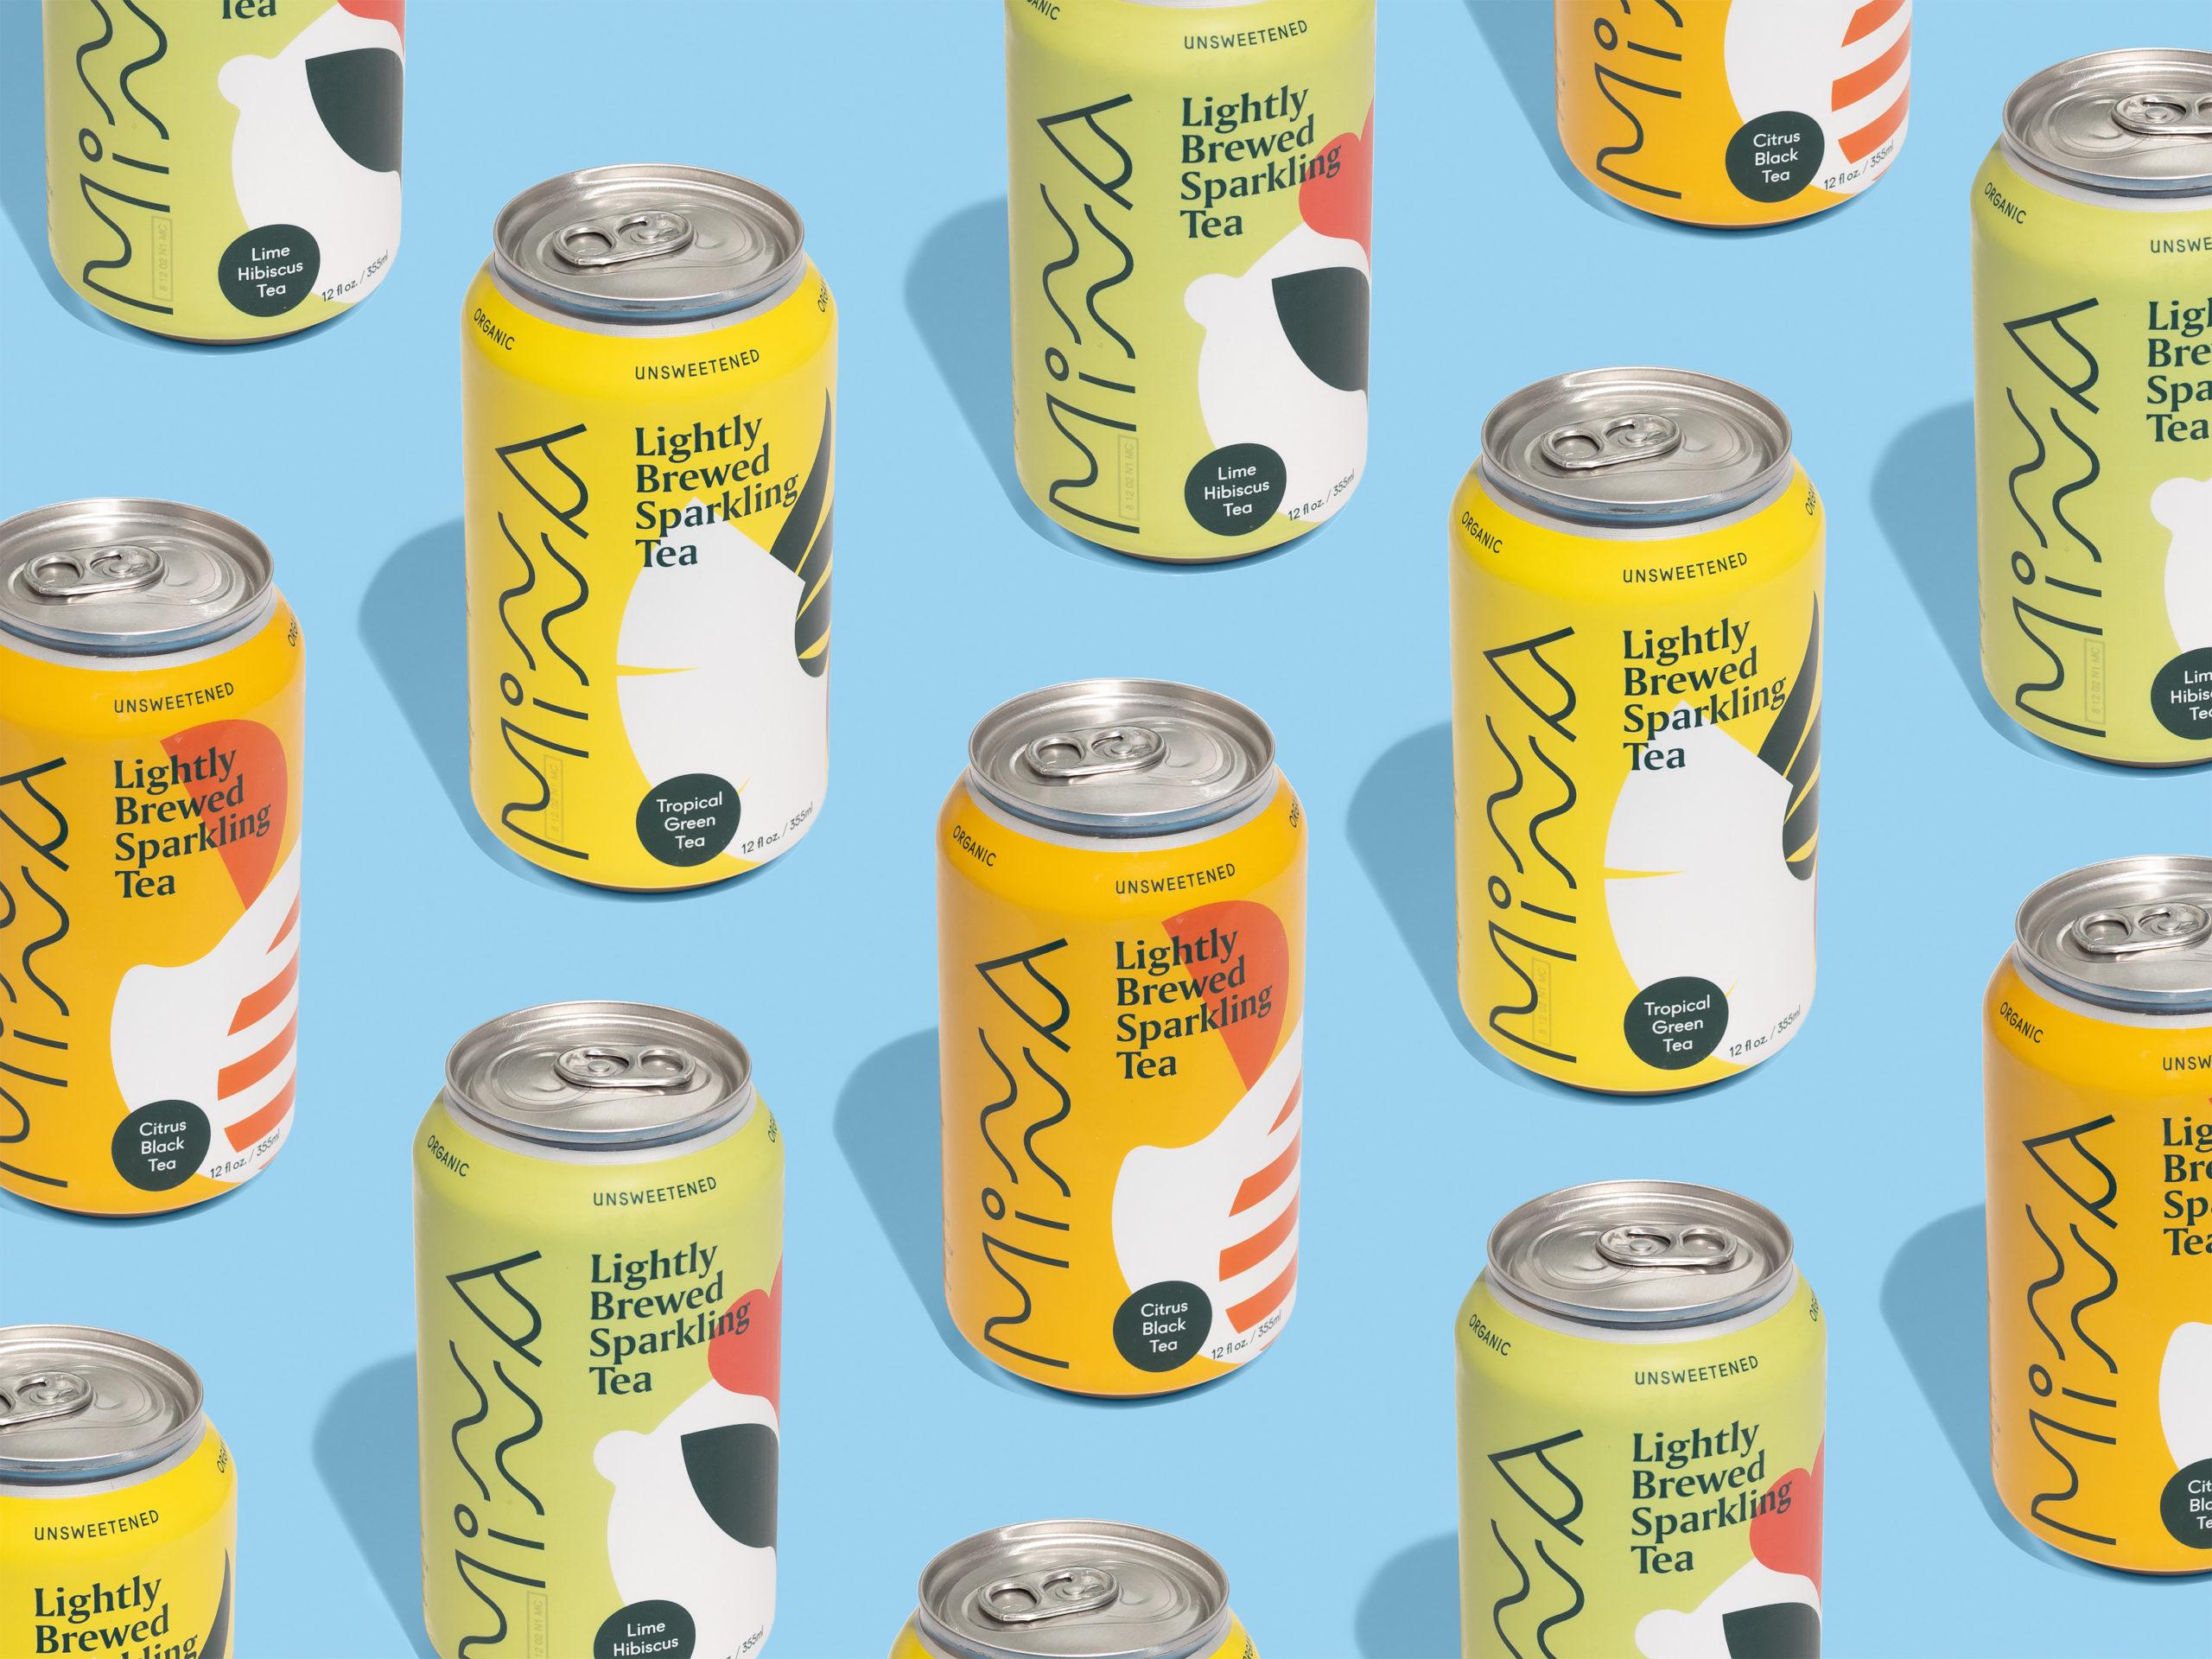 10 Food & Beverage Brands Giving Back